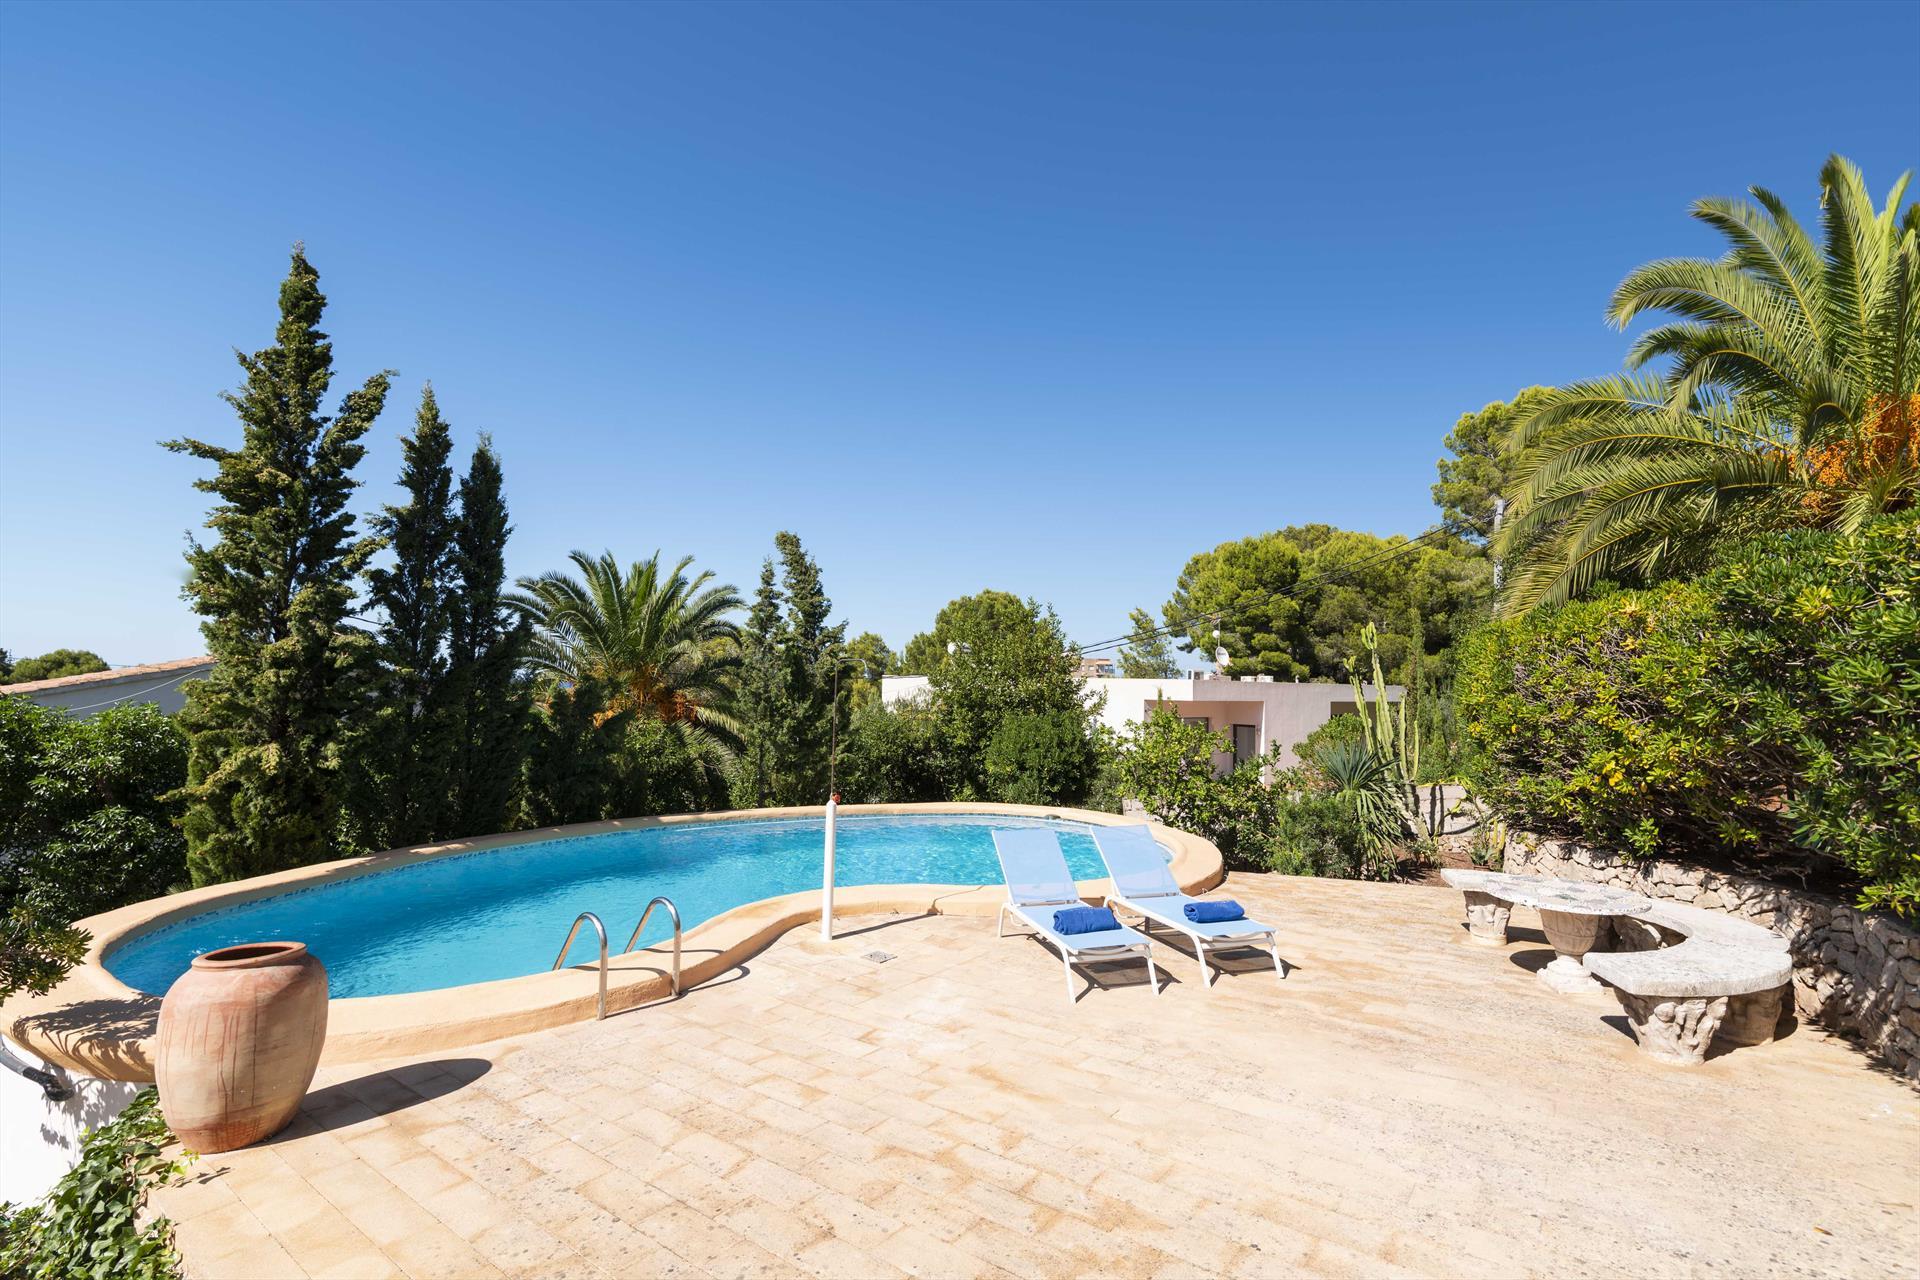 Piscina y tumbonas de una casa de vacaciones para siete personas en Dénia – Aguila Rent a Villa